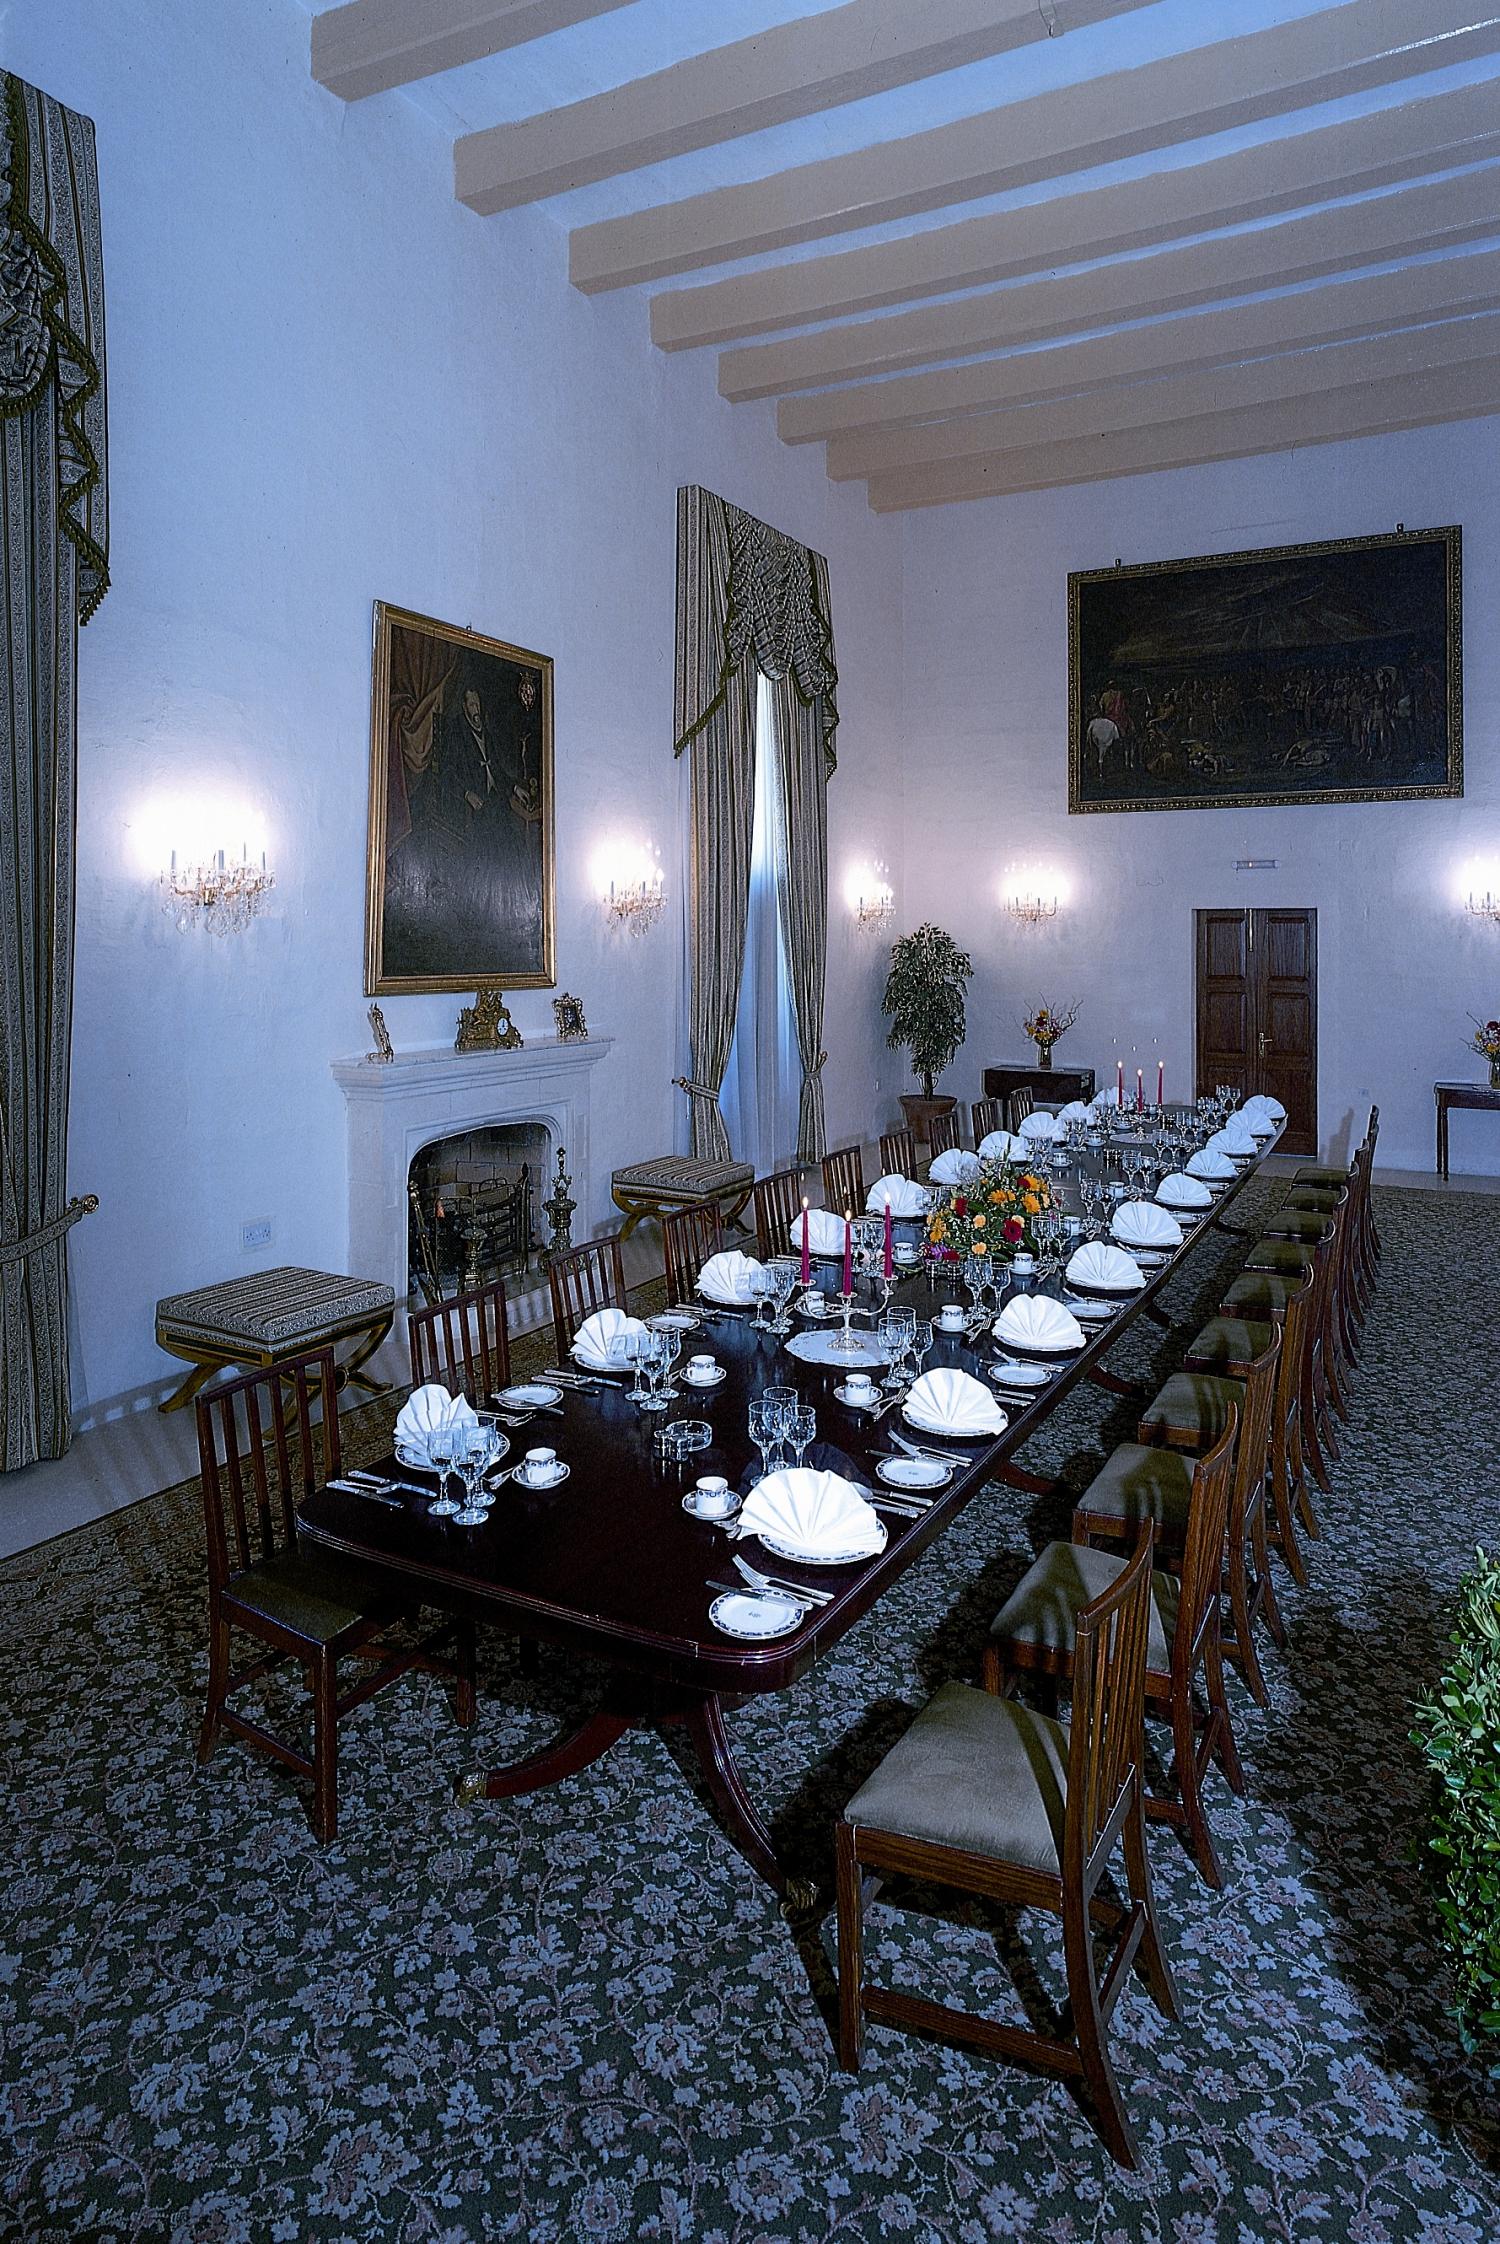 Mediterranean Conference Centre (MCC) in Malta | My Guide Malta